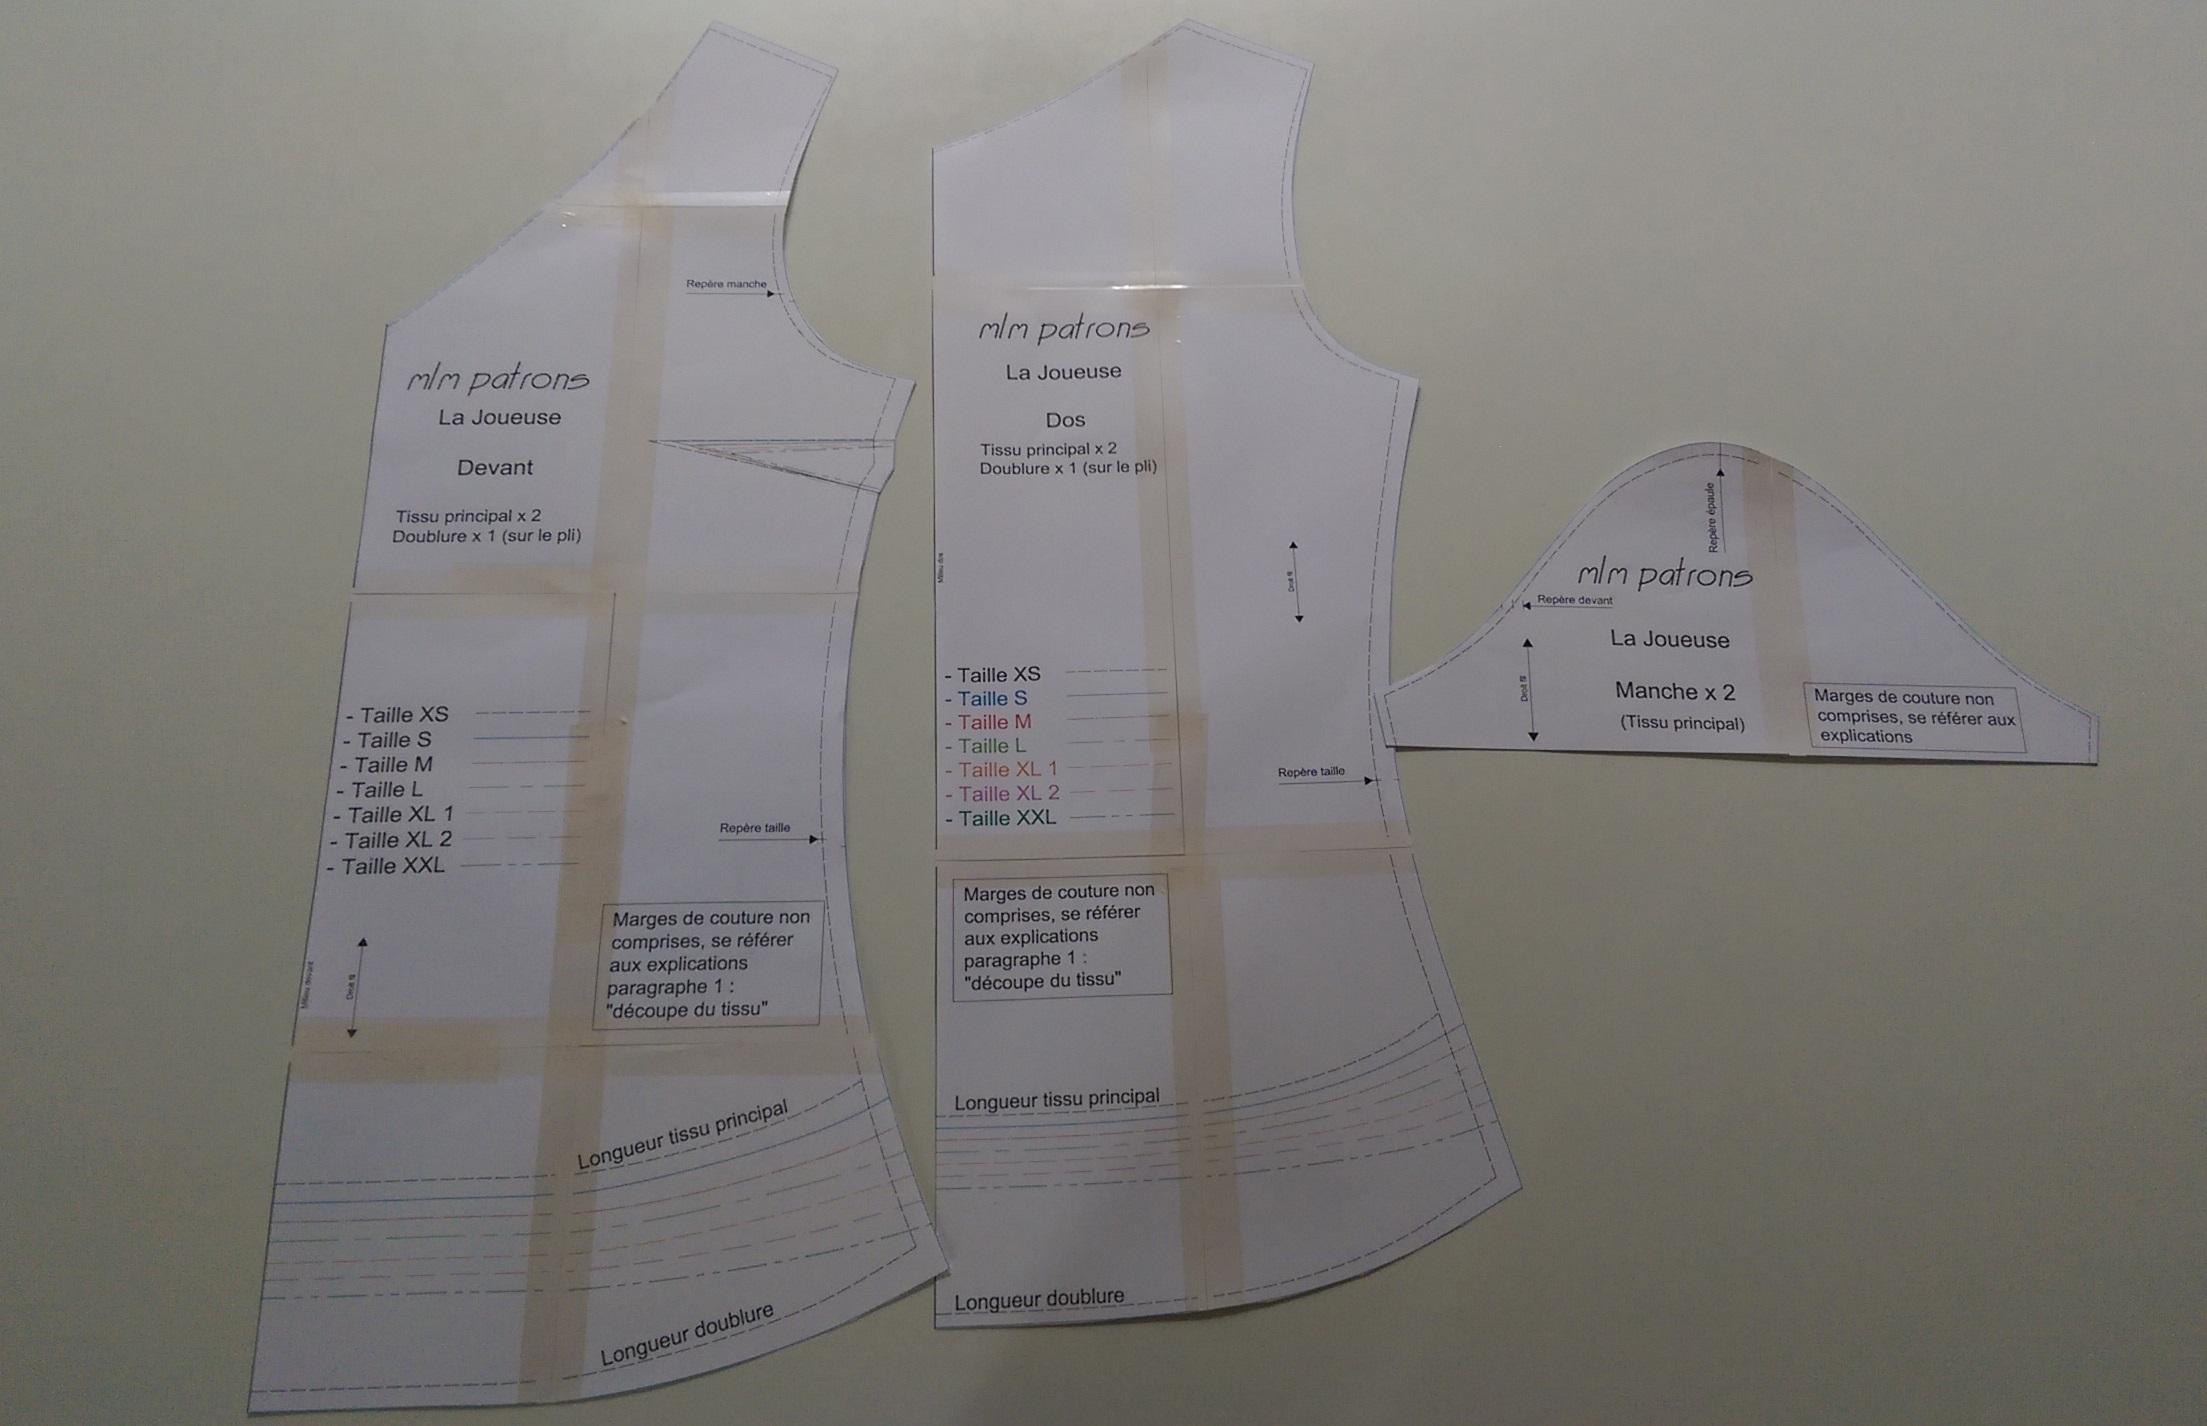 Comment imprimer et assembler un patron pdf marisa mlm mlm patrons - Patron de maison en papier a imprimer ...